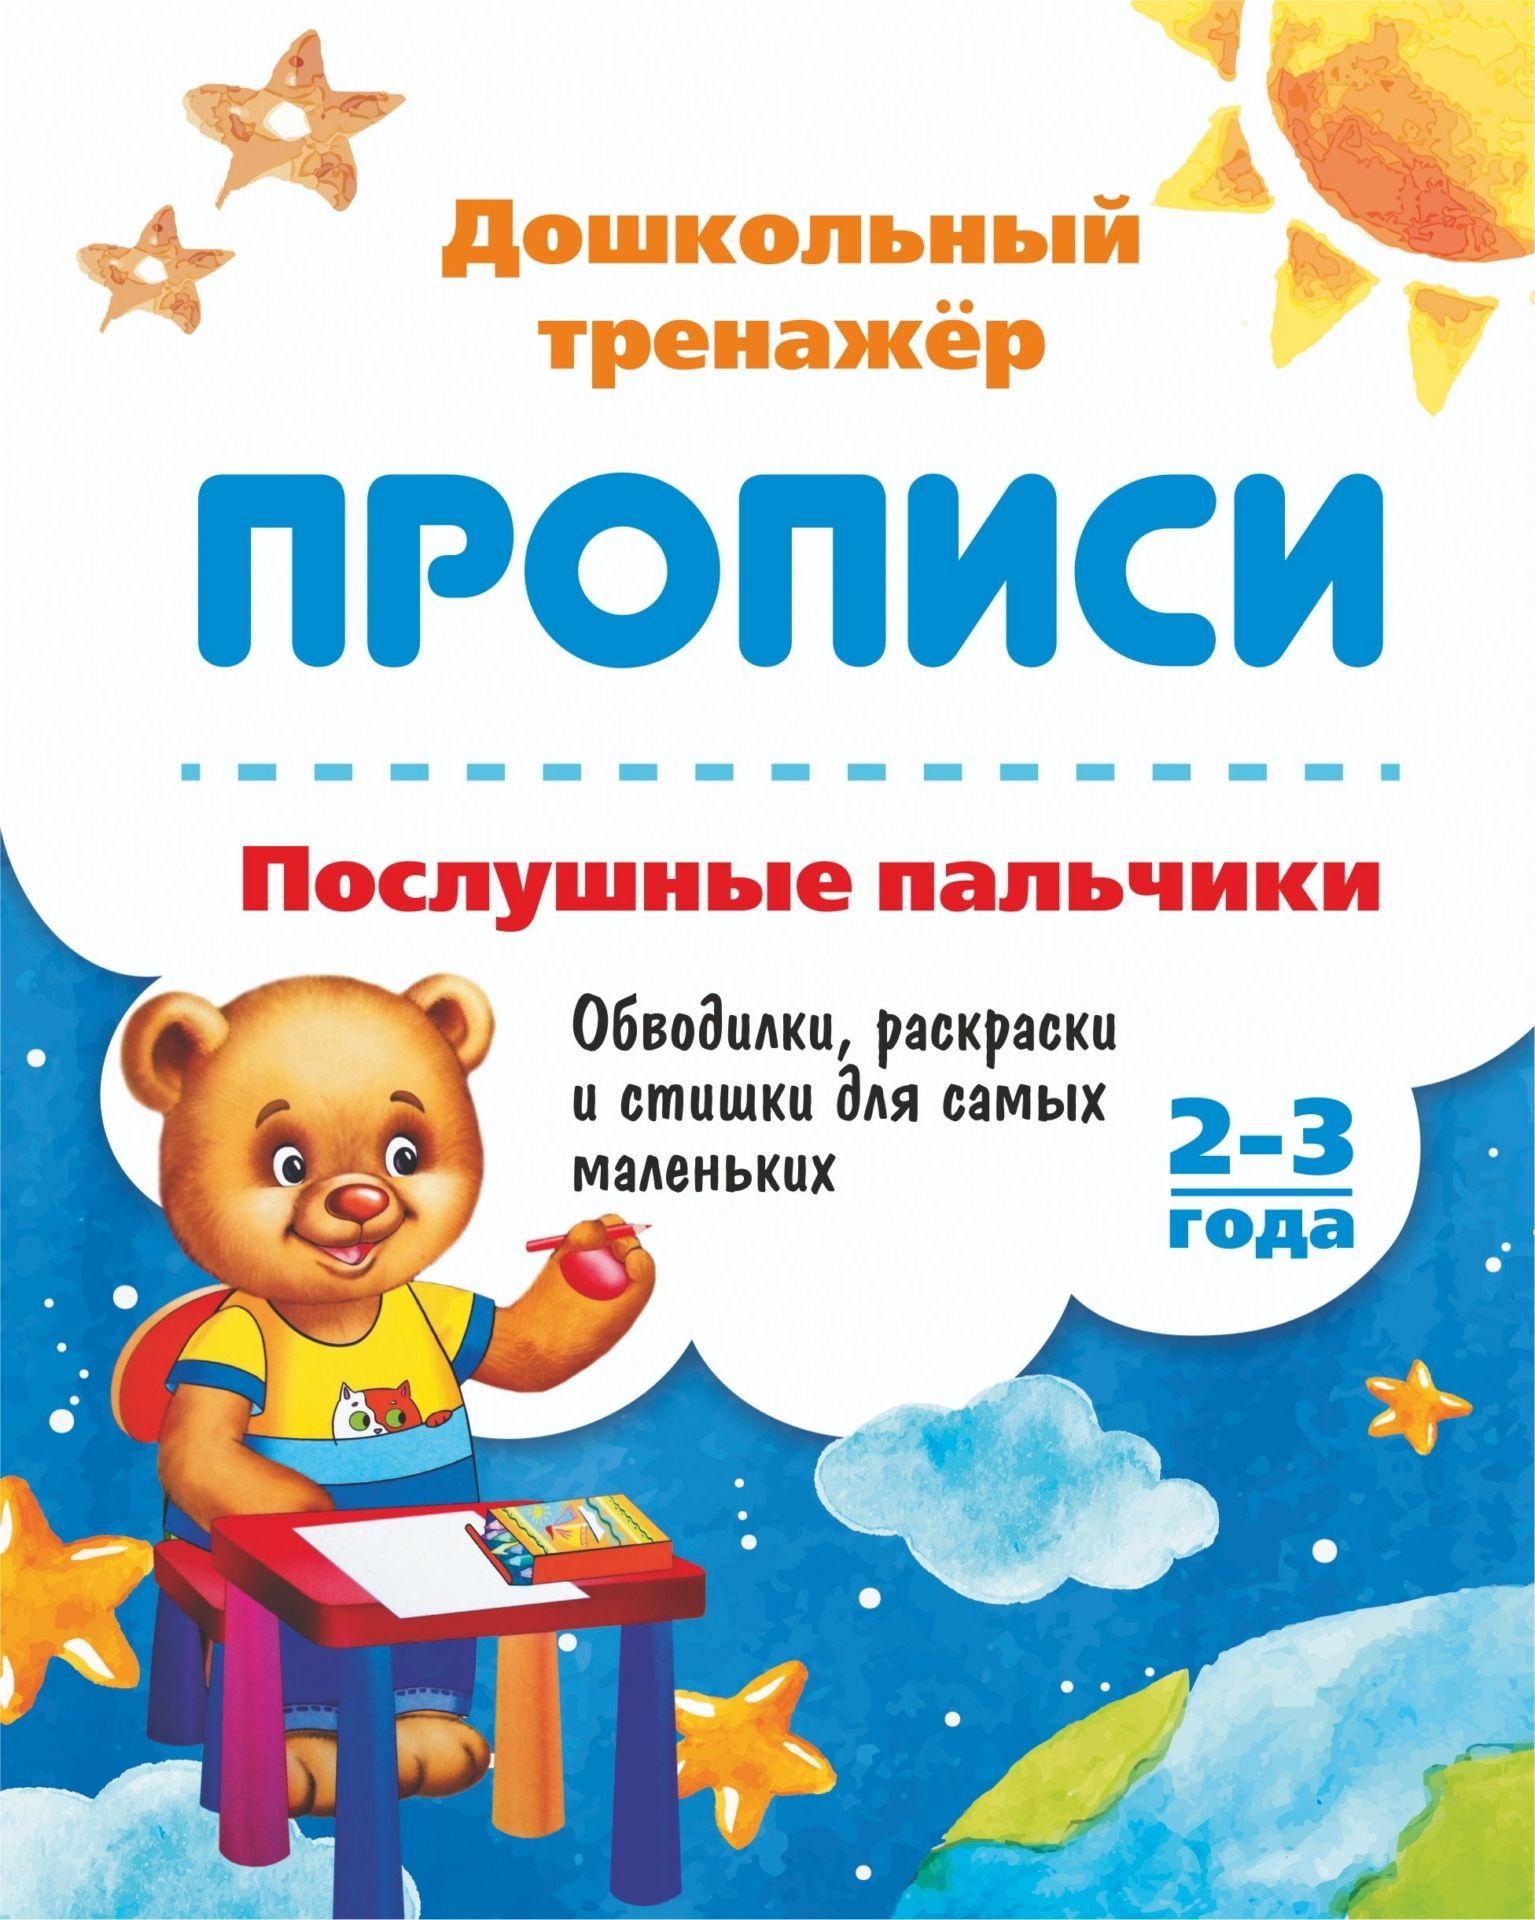 Послушные пальчики. 2-3 года: Обводилки, раскраски и стишки для самых маленьких